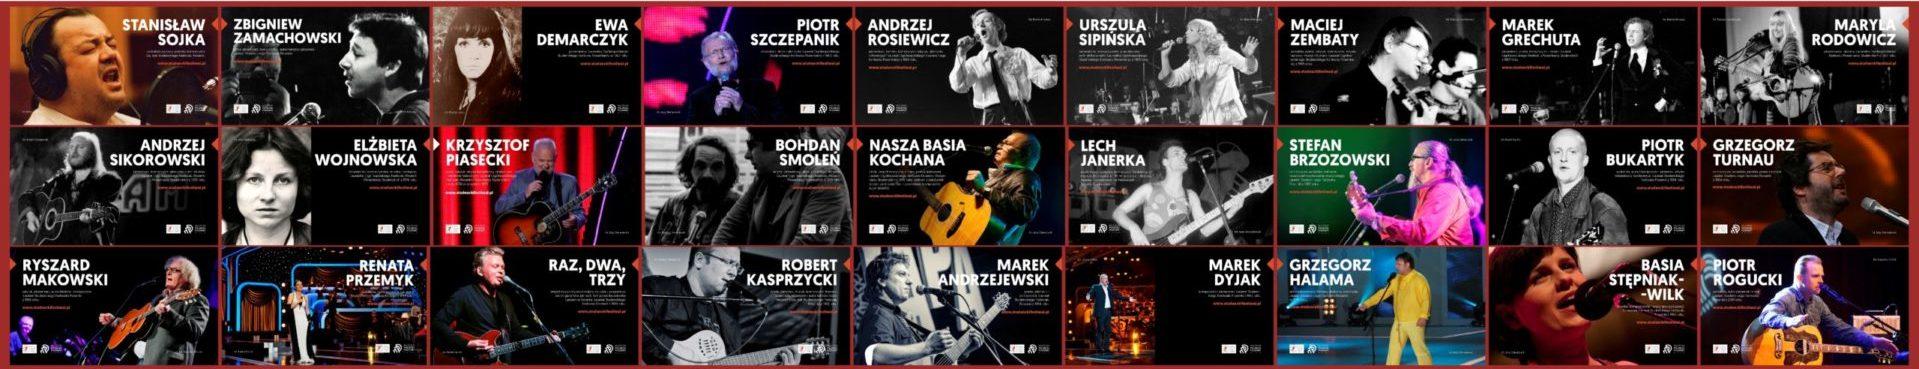 56. Studencki Festiwal Piosenki w Krakowie